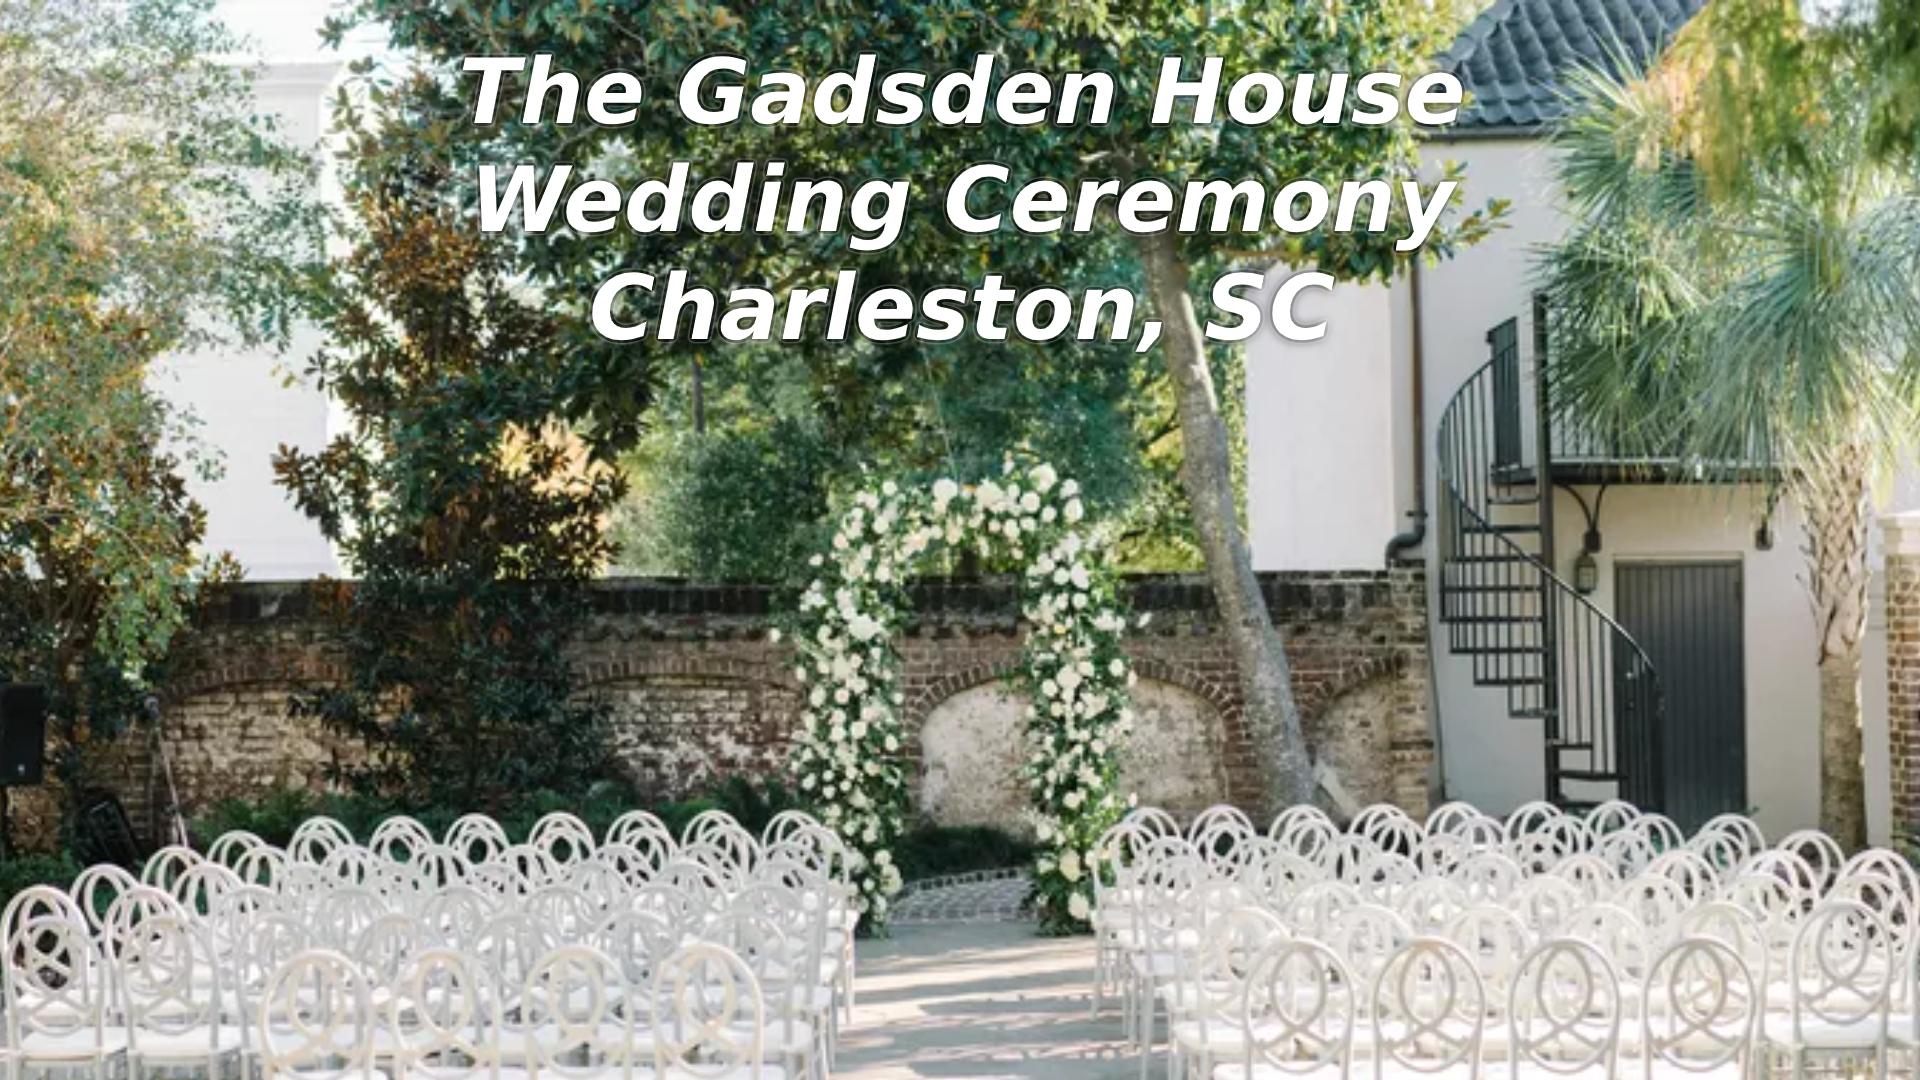 Gadsden House